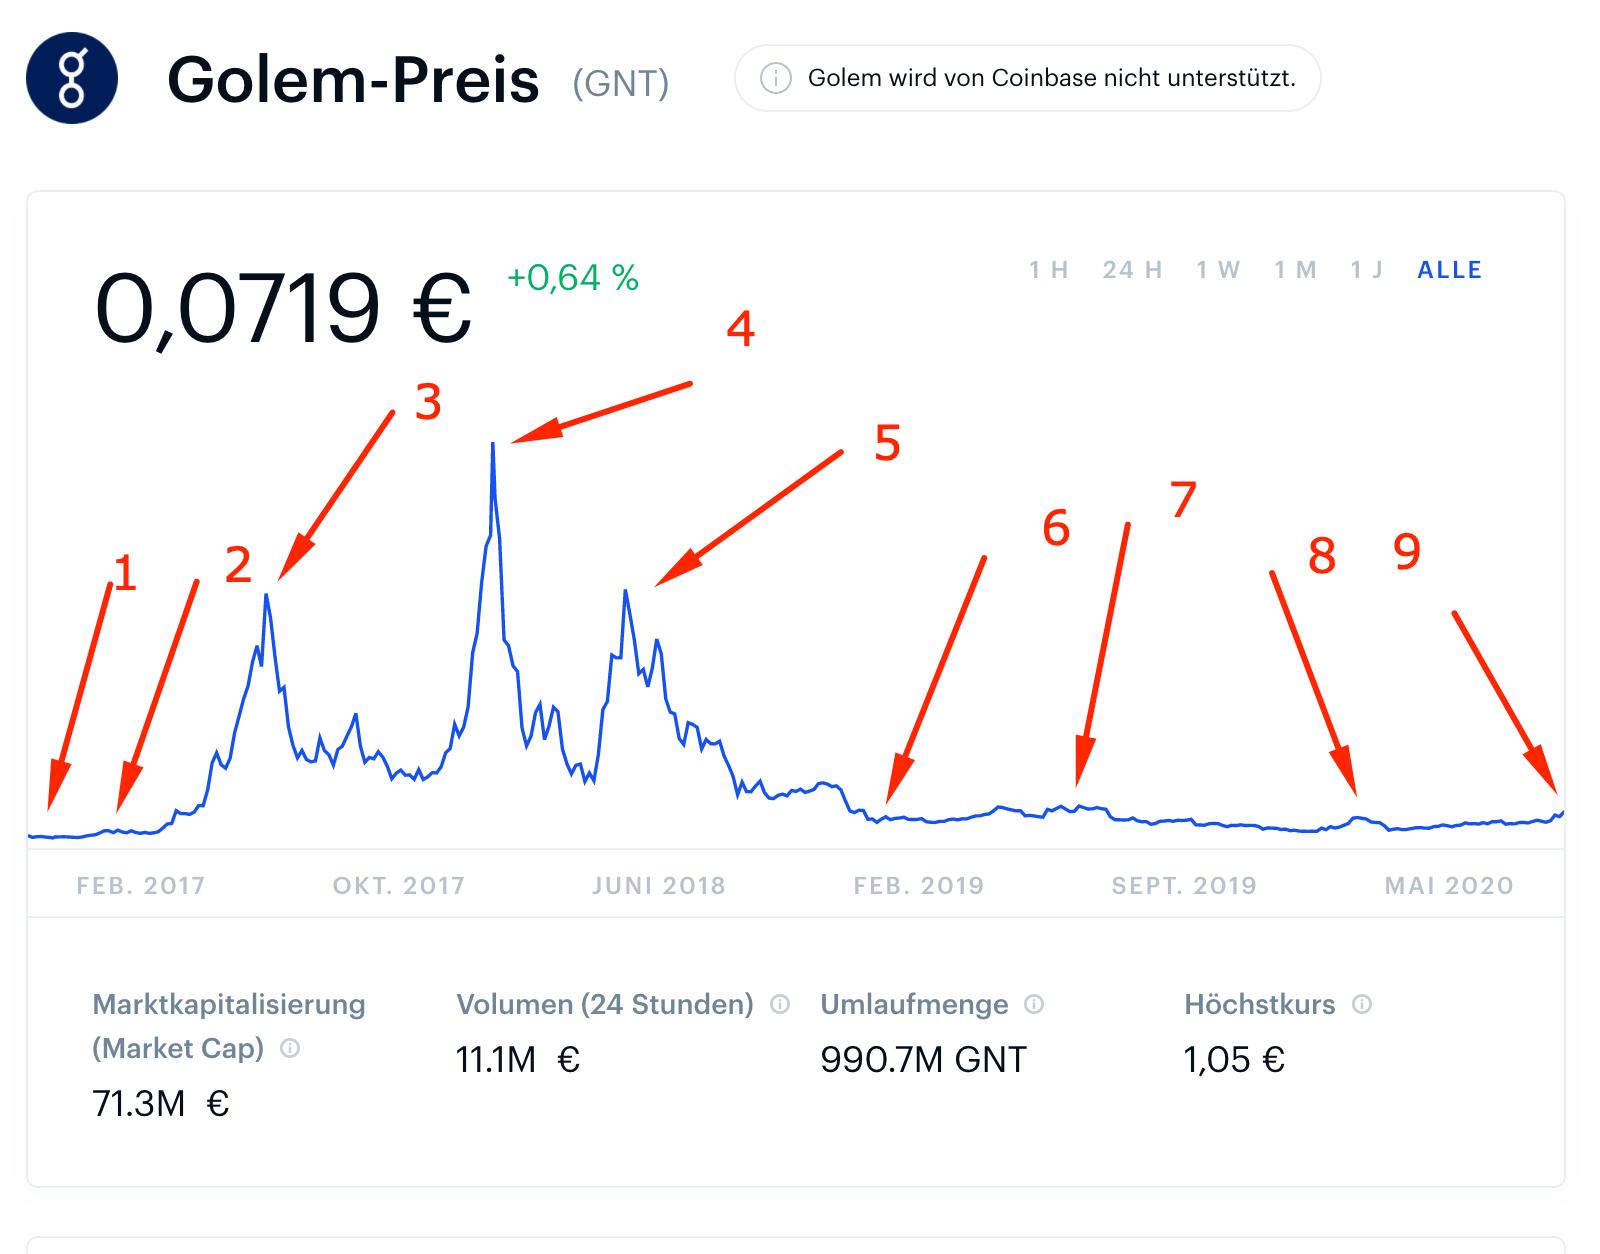 Golem Preis